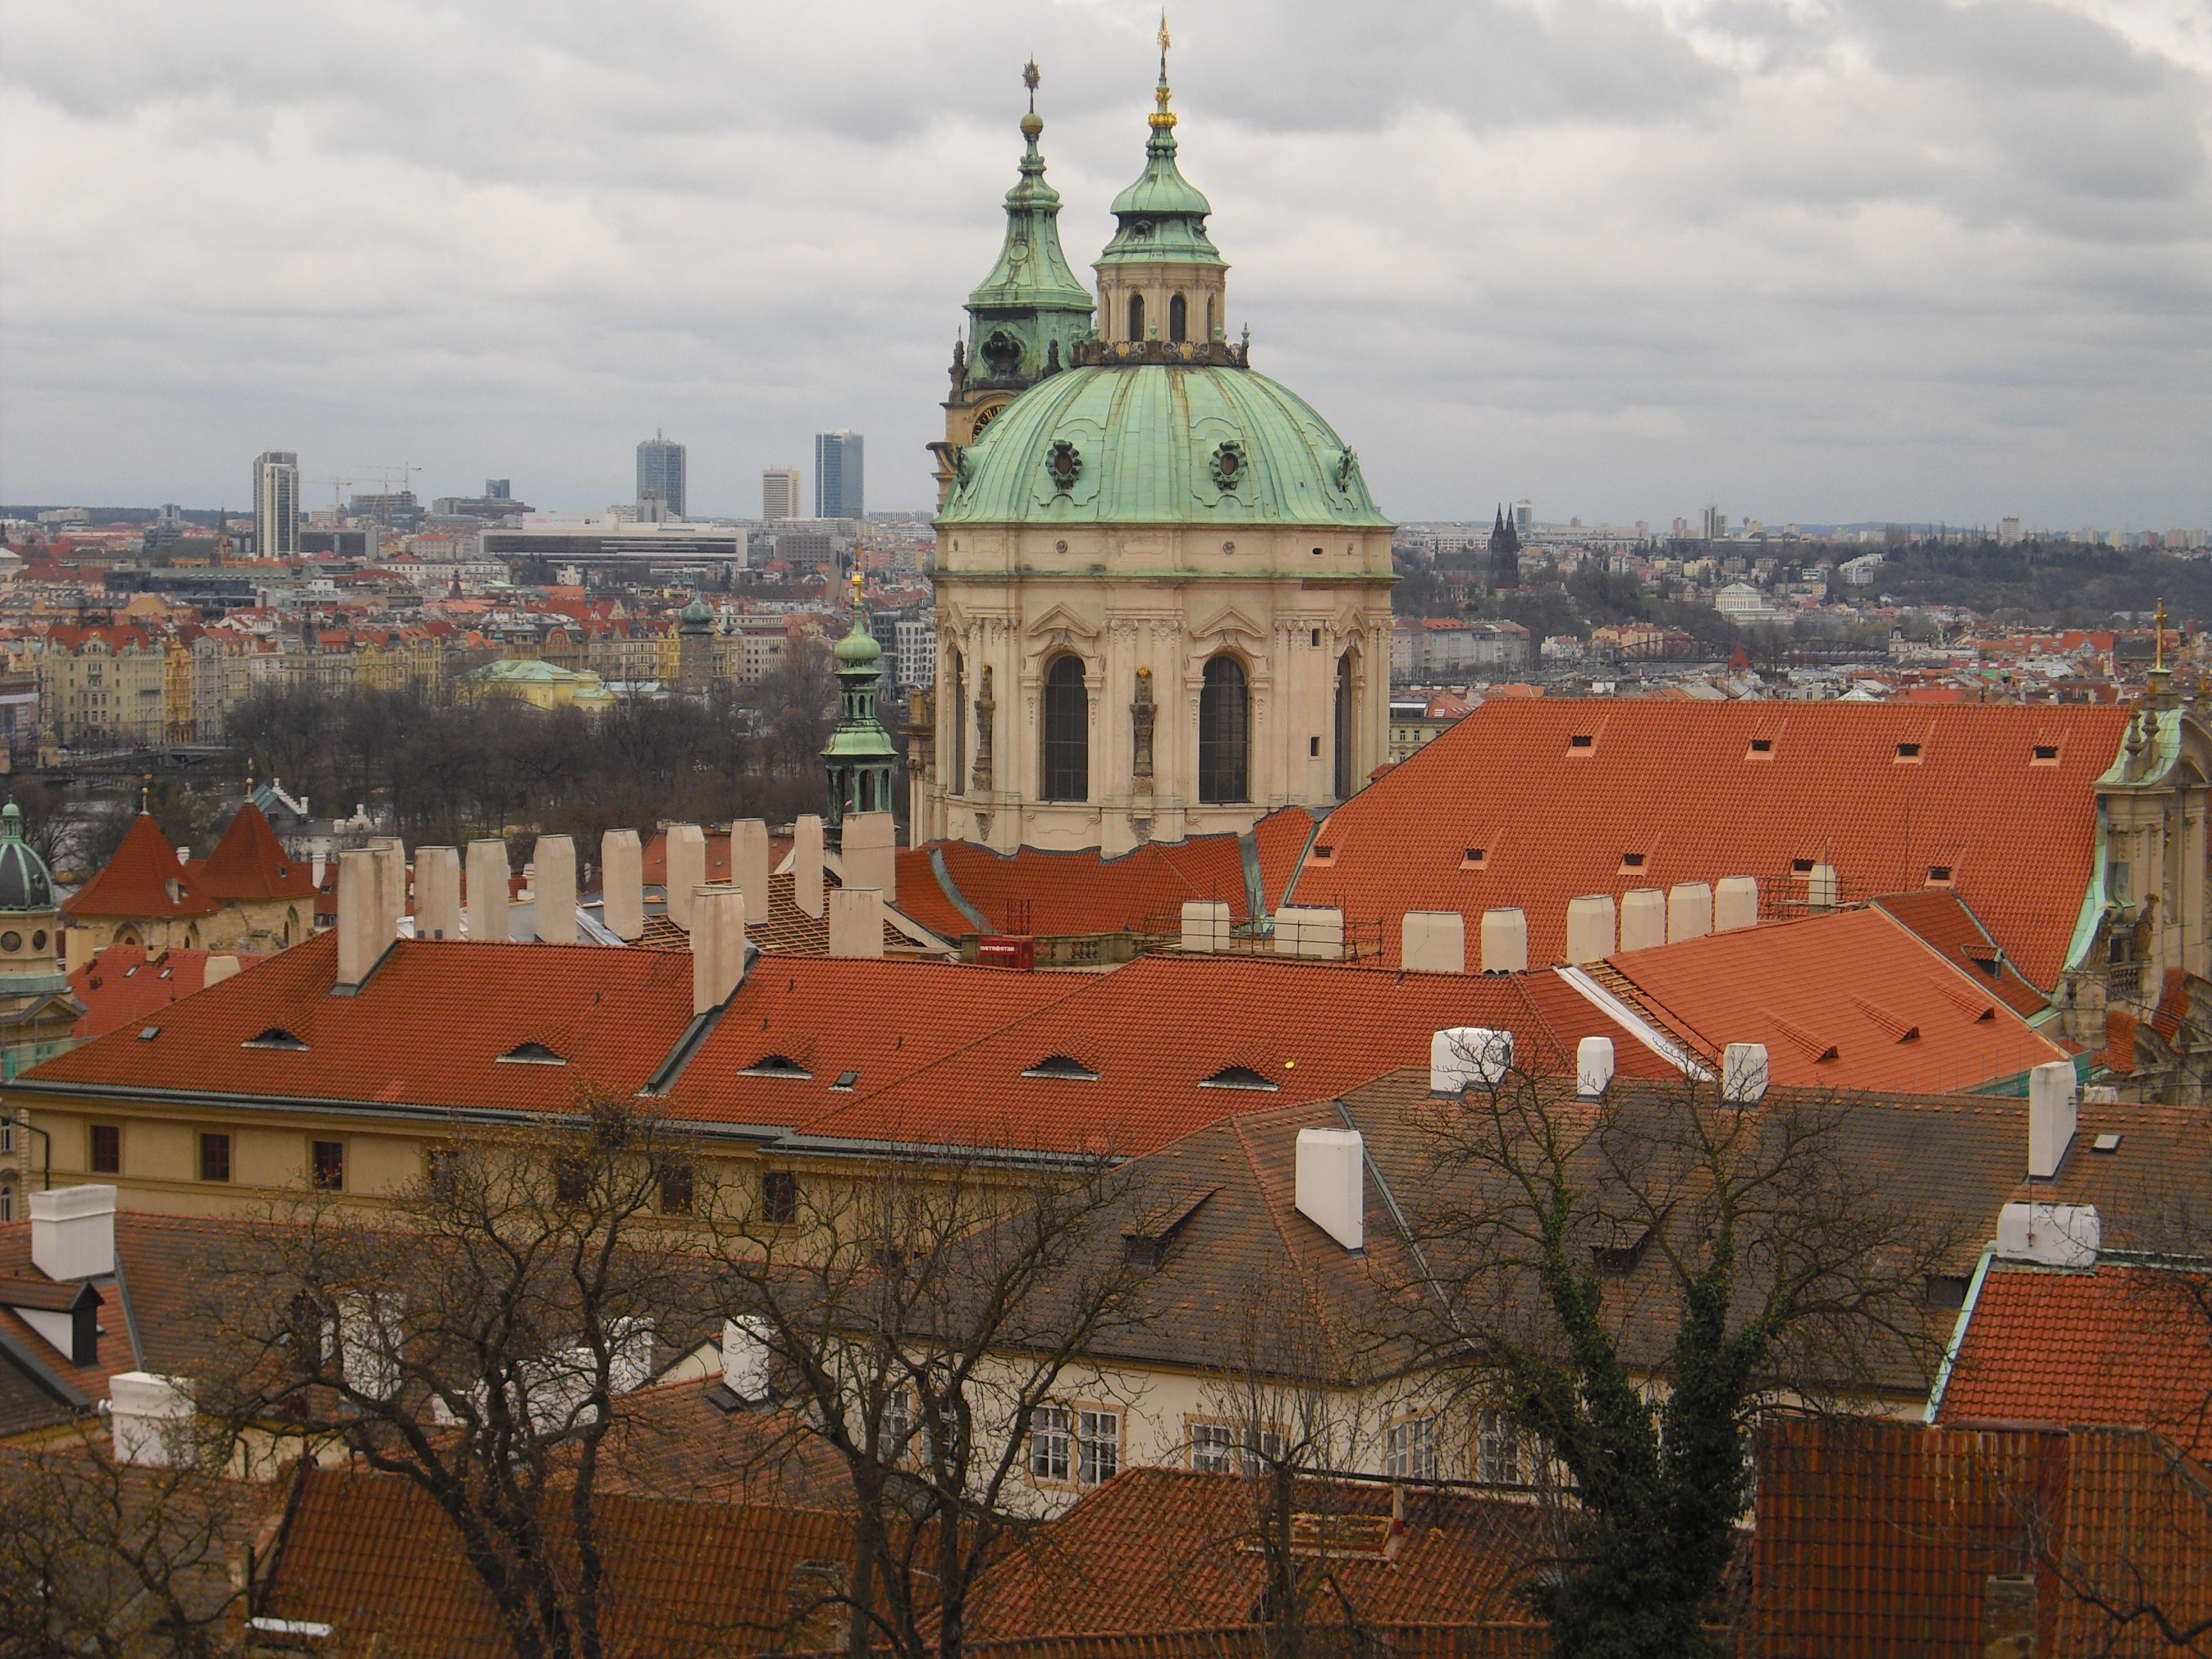 Según la leyenda abandonar Praga no es fácil ...